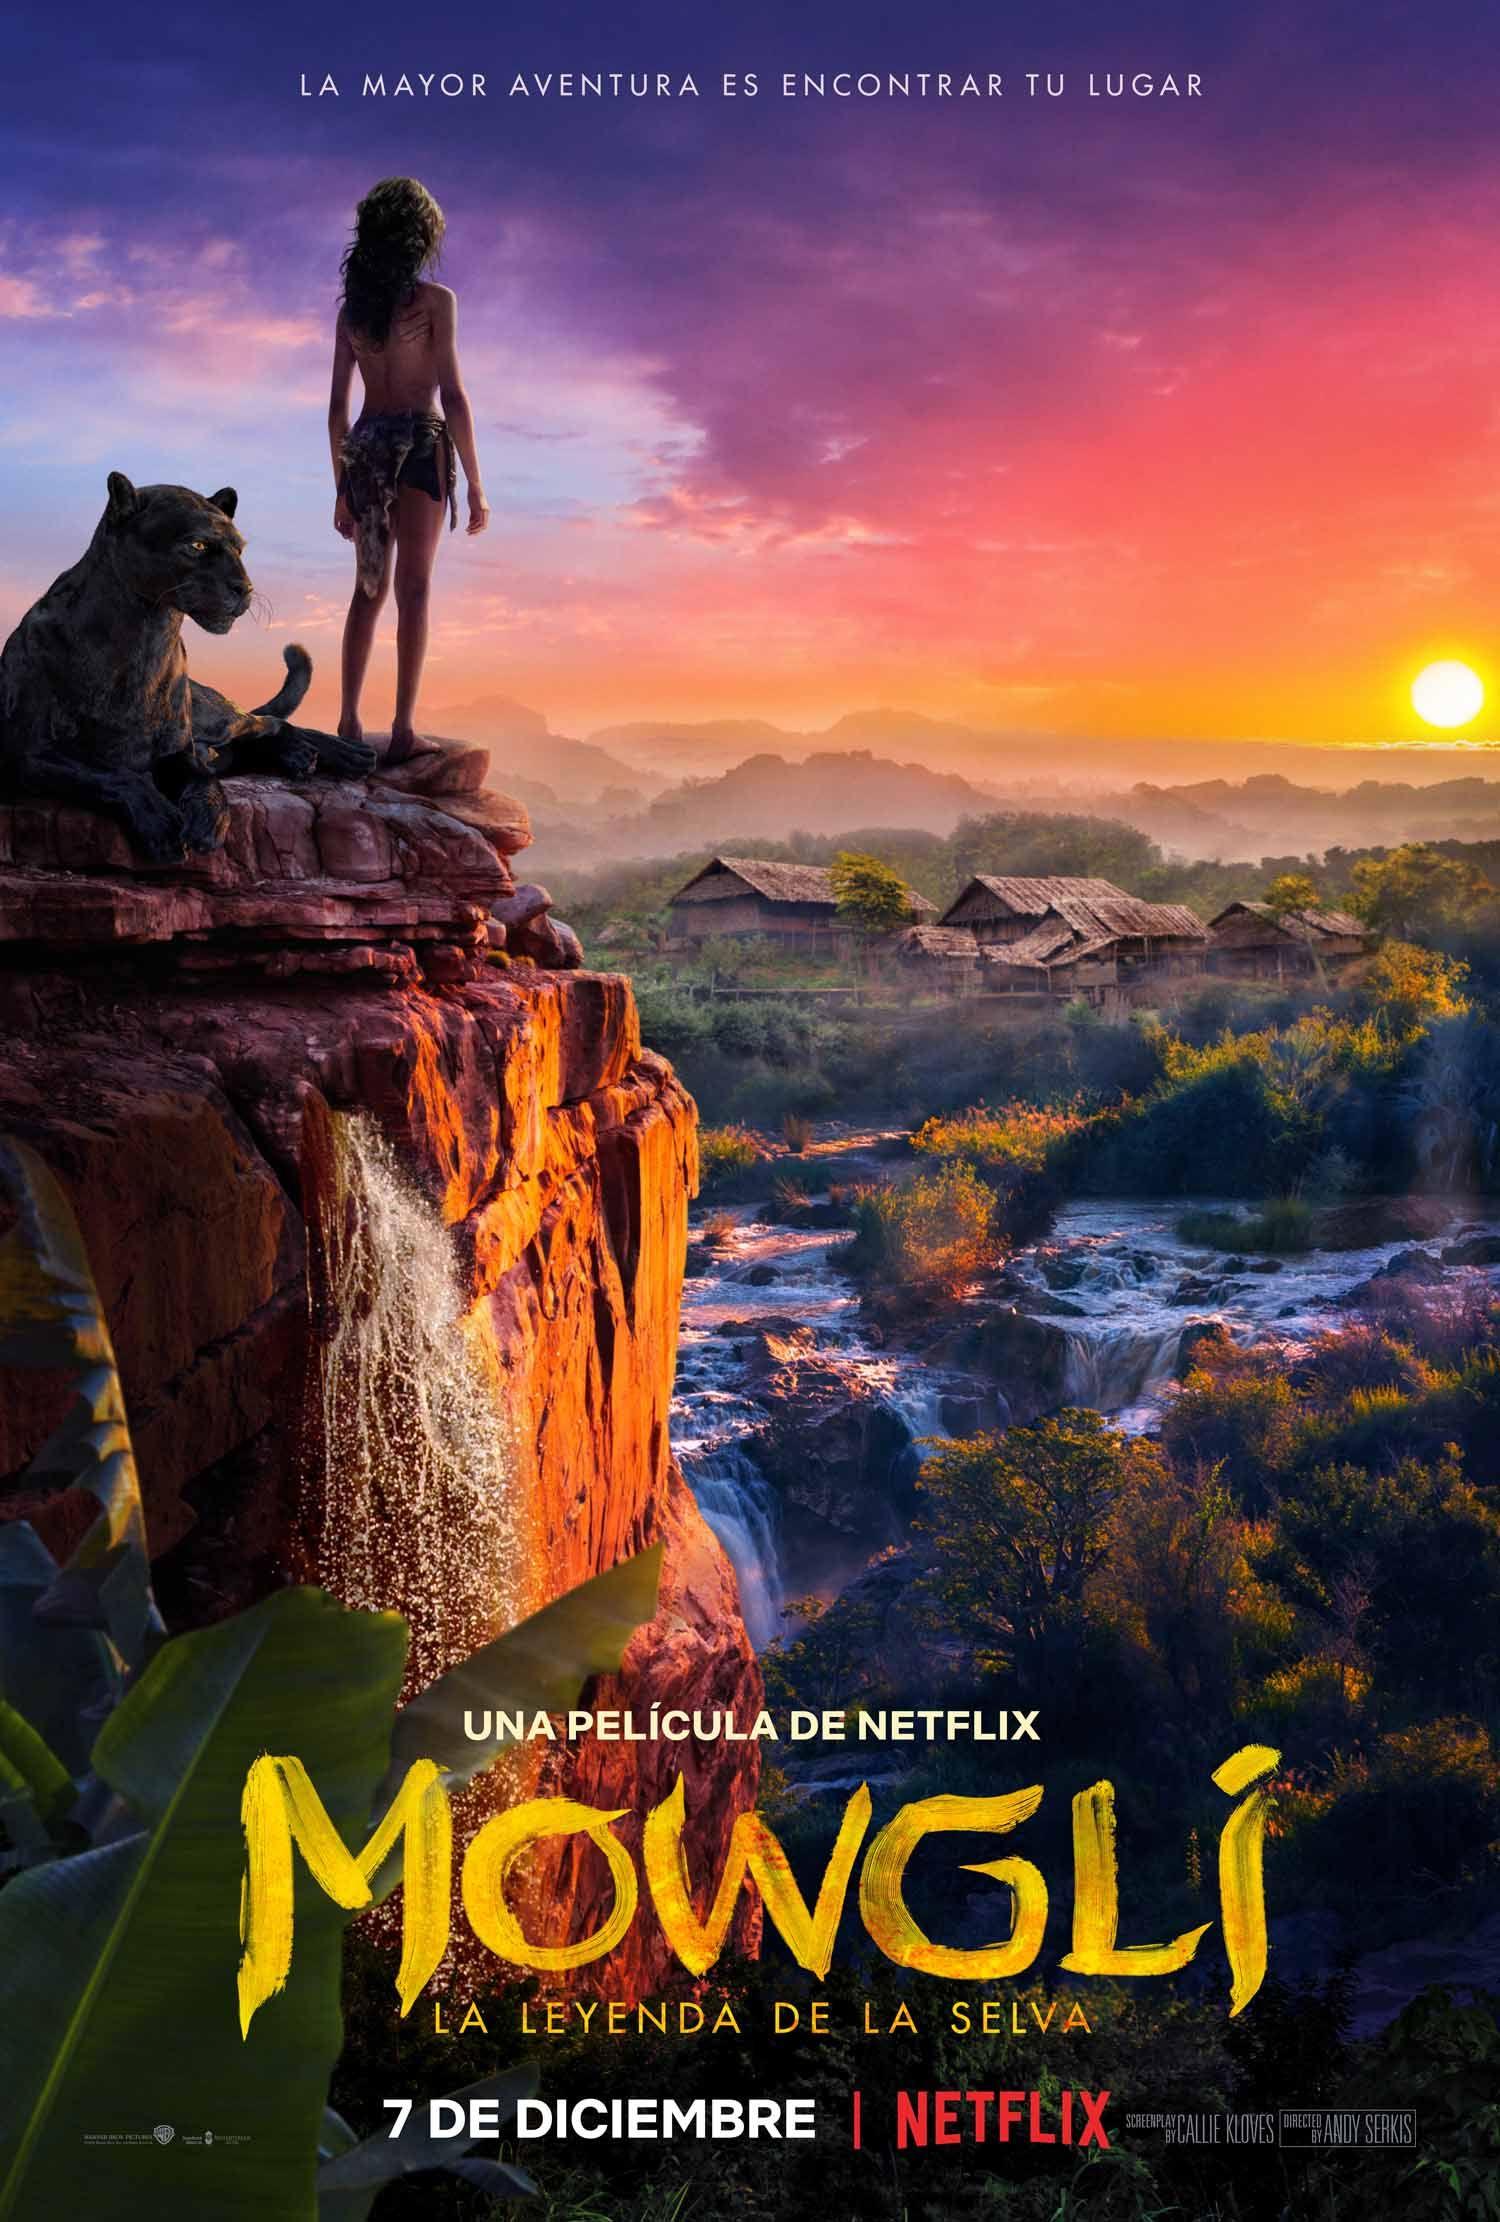 Mowgli La Leyenda De La Selva Pelicula Completa Online El Libro